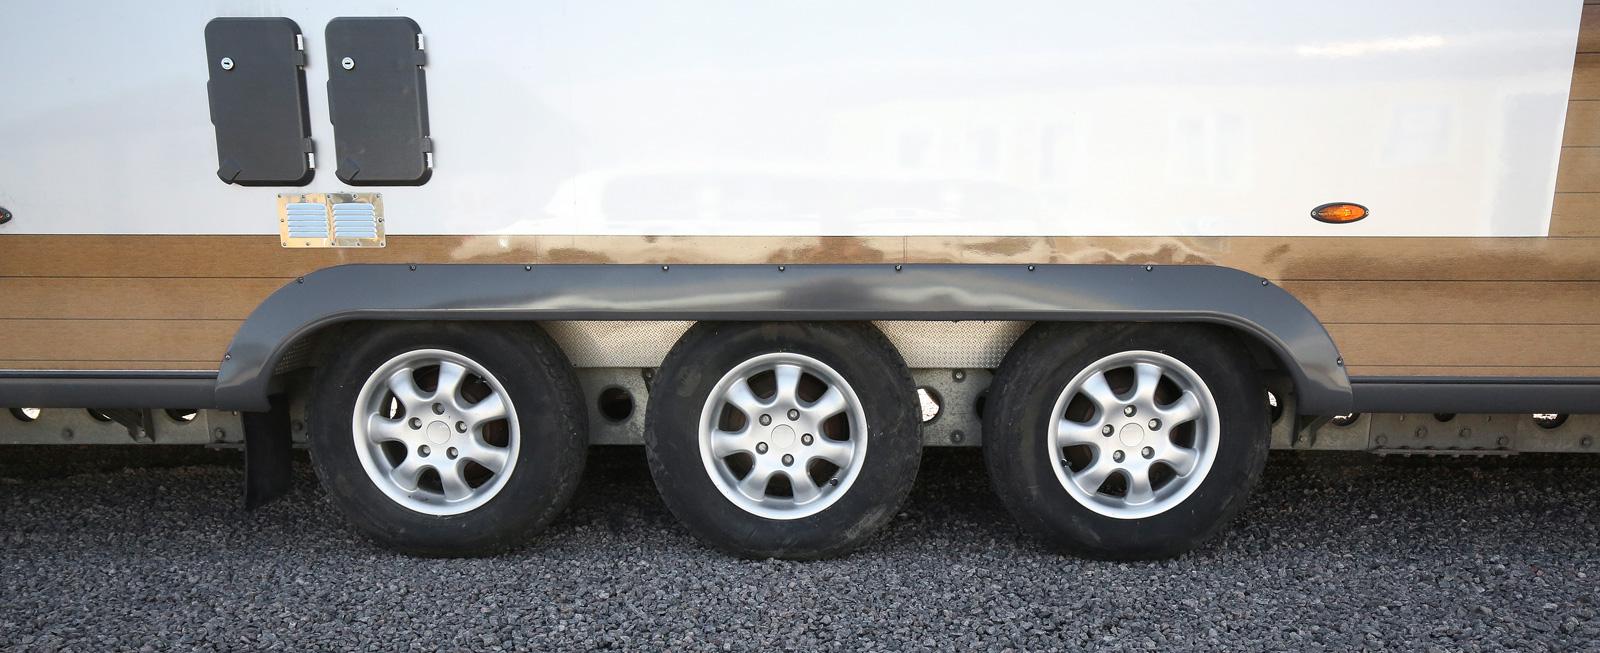 En lång husvagn har stor tyngd som fördelas på tre axlar.